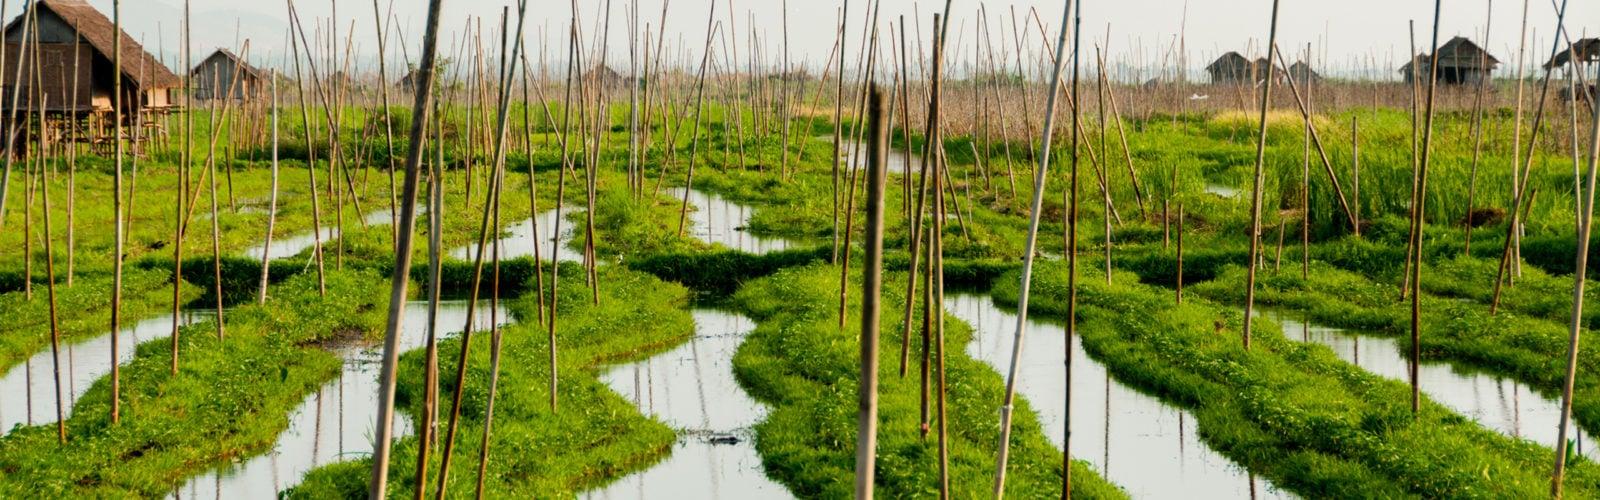 inle-lake-floating-garden